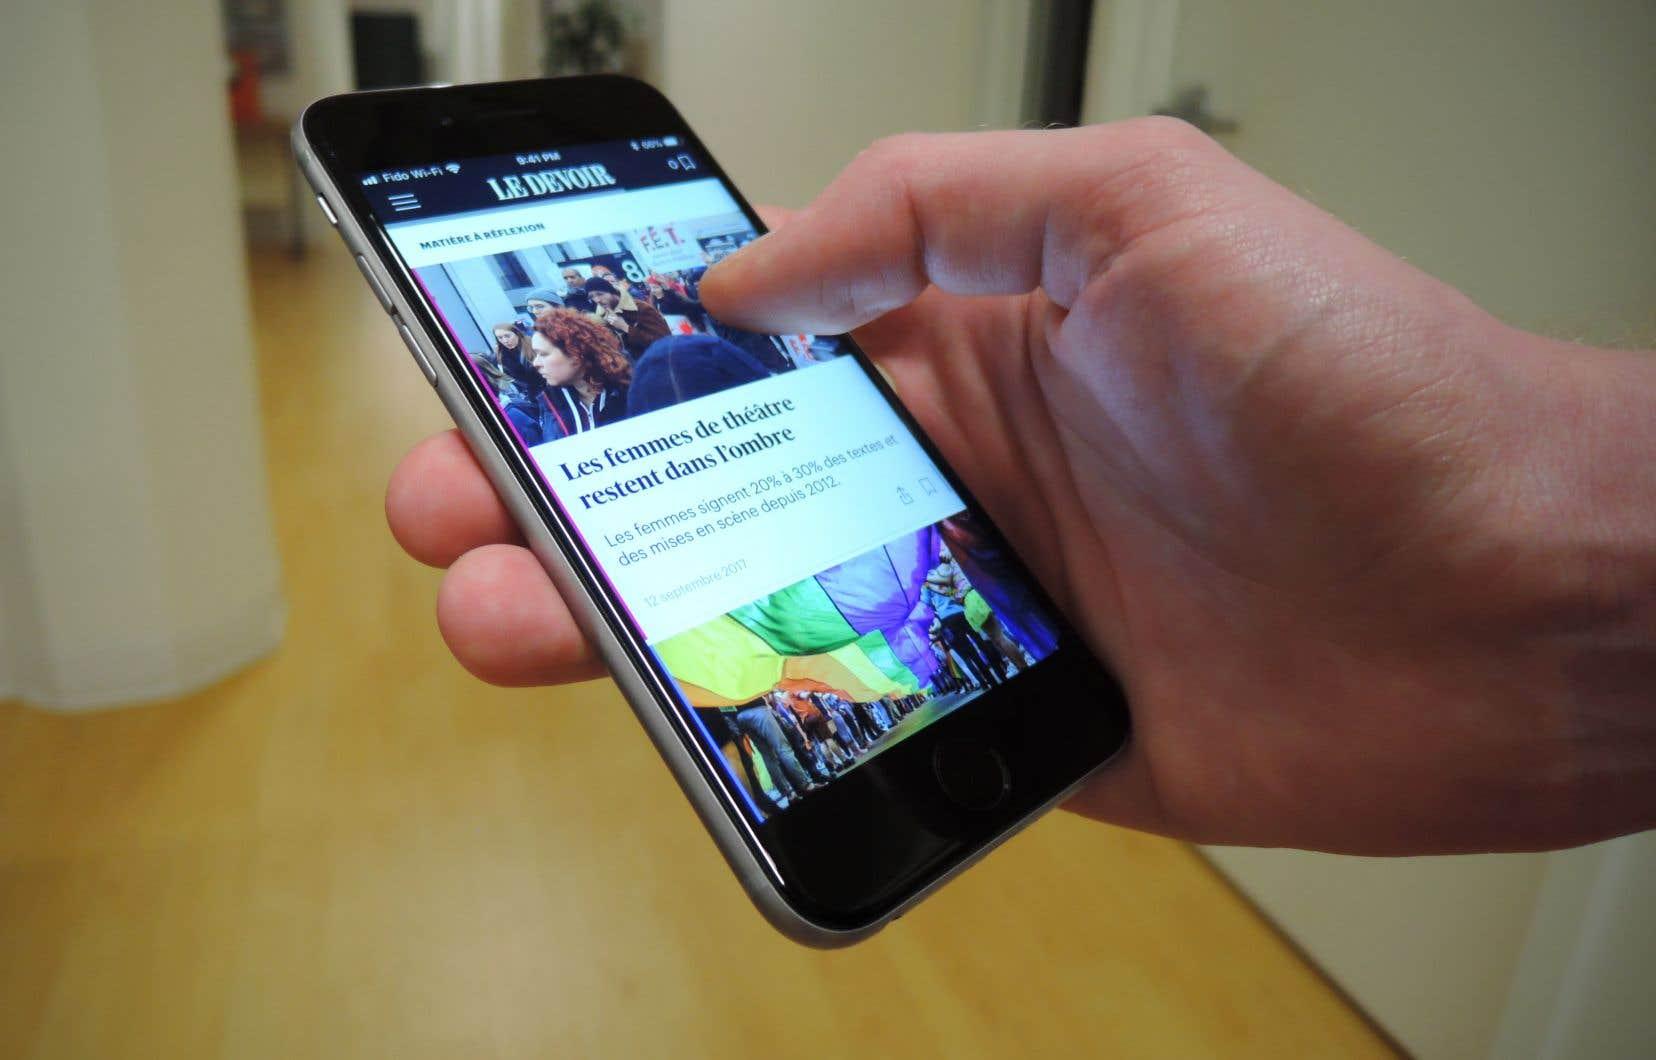 «Le numérique n'est plus une simple copie du papier, non seulement parce que les lecteurs consultent différemment l'information sur les deux supports, mais aussi parce que nous avons à notre disposition tout un arsenal multimédia, comme la vidéo ou le journalisme de données», affirme Florent Daudens, directeur de l'information.